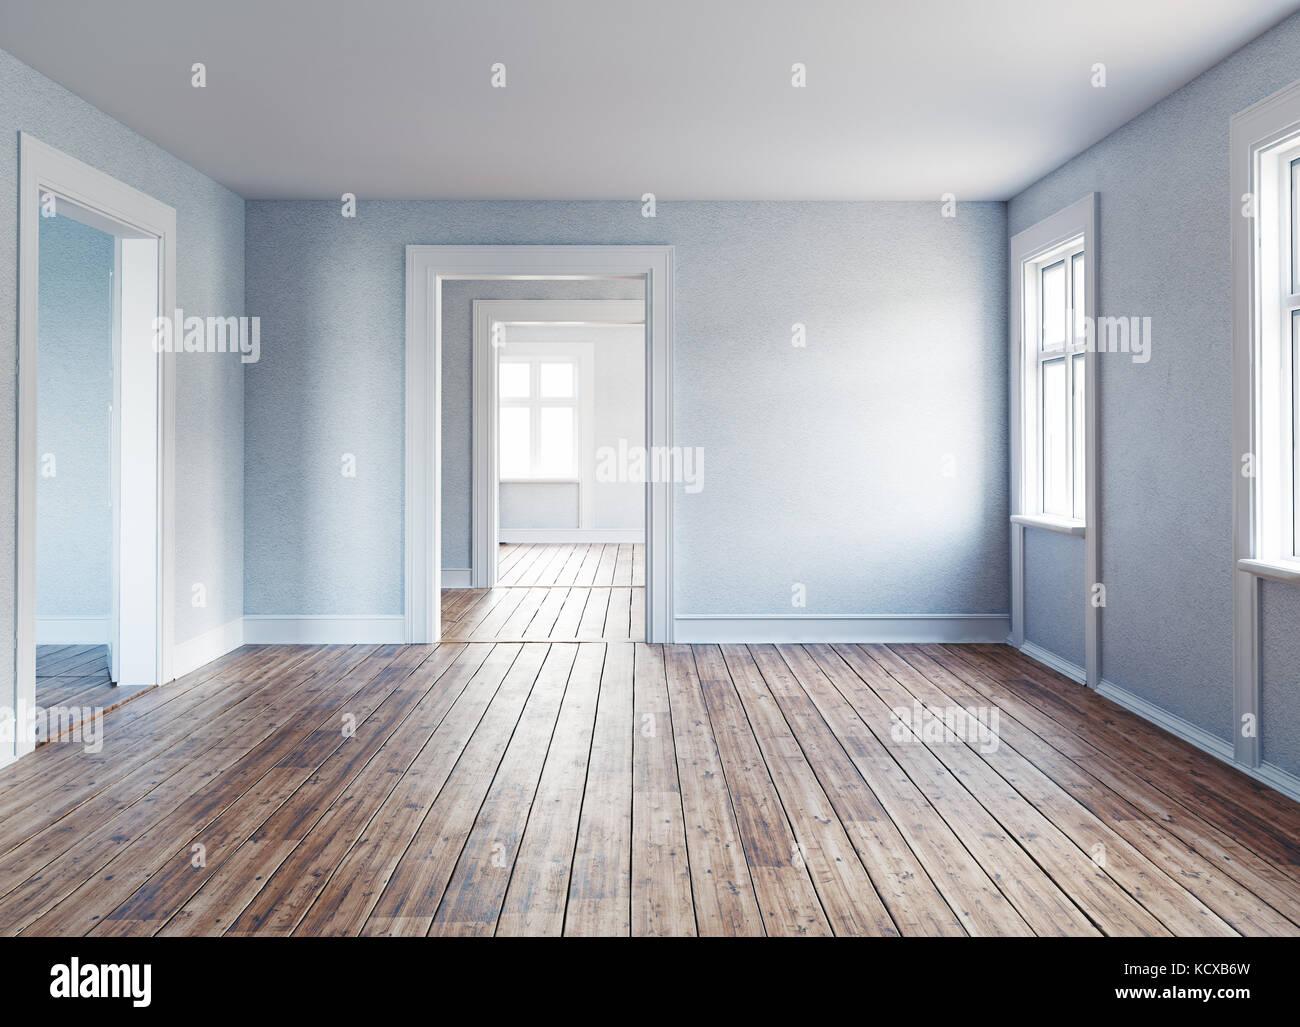 Die moderne leere Innenräume. 3D-Rendering Stockbild